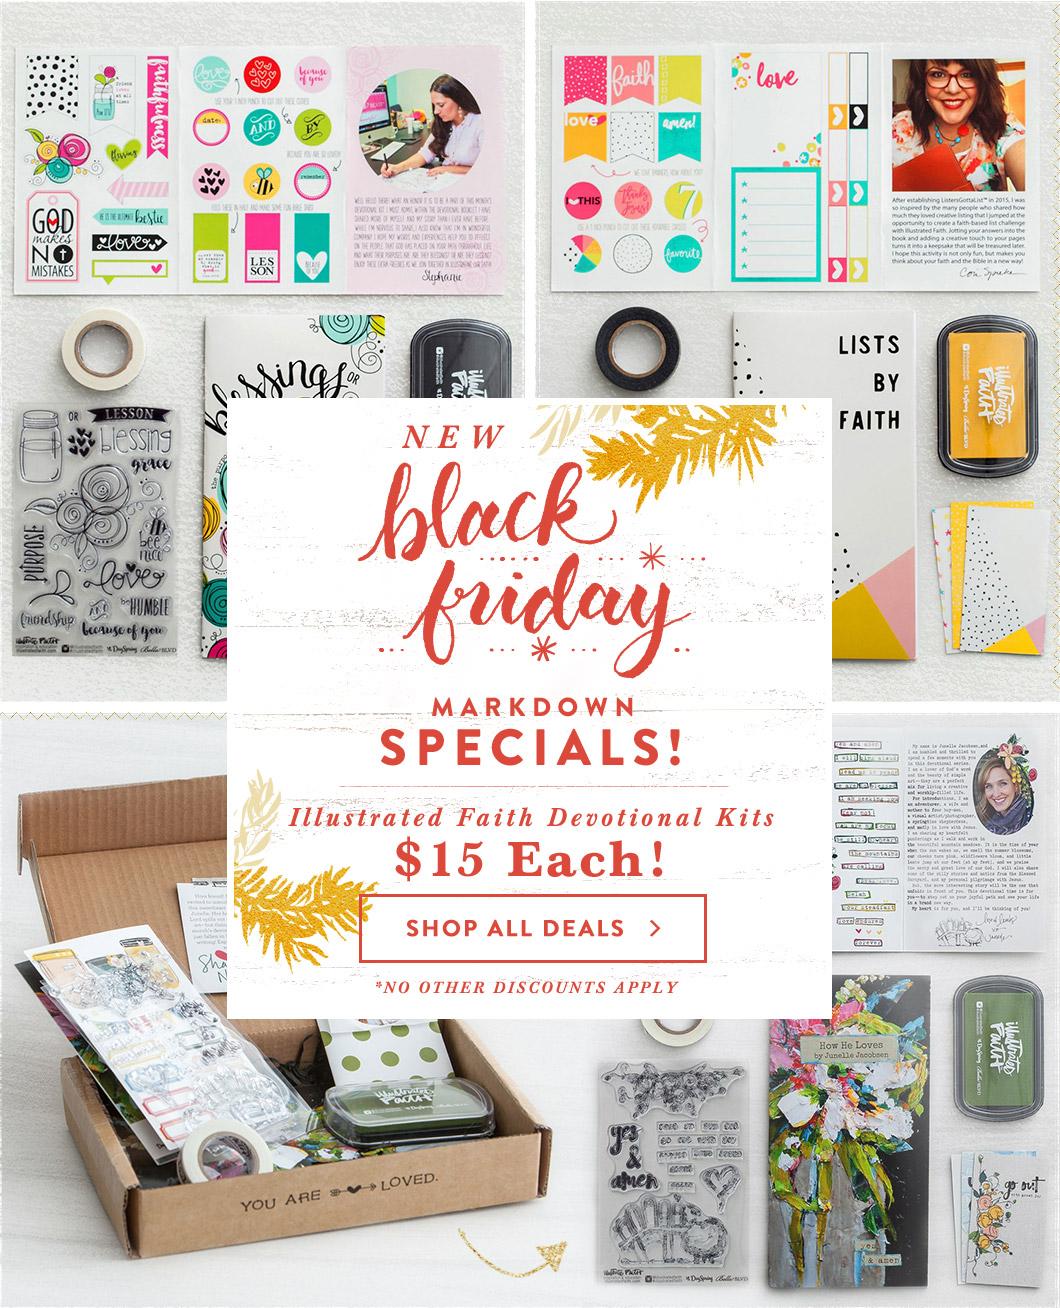 11-25_if-blackfriday-specials